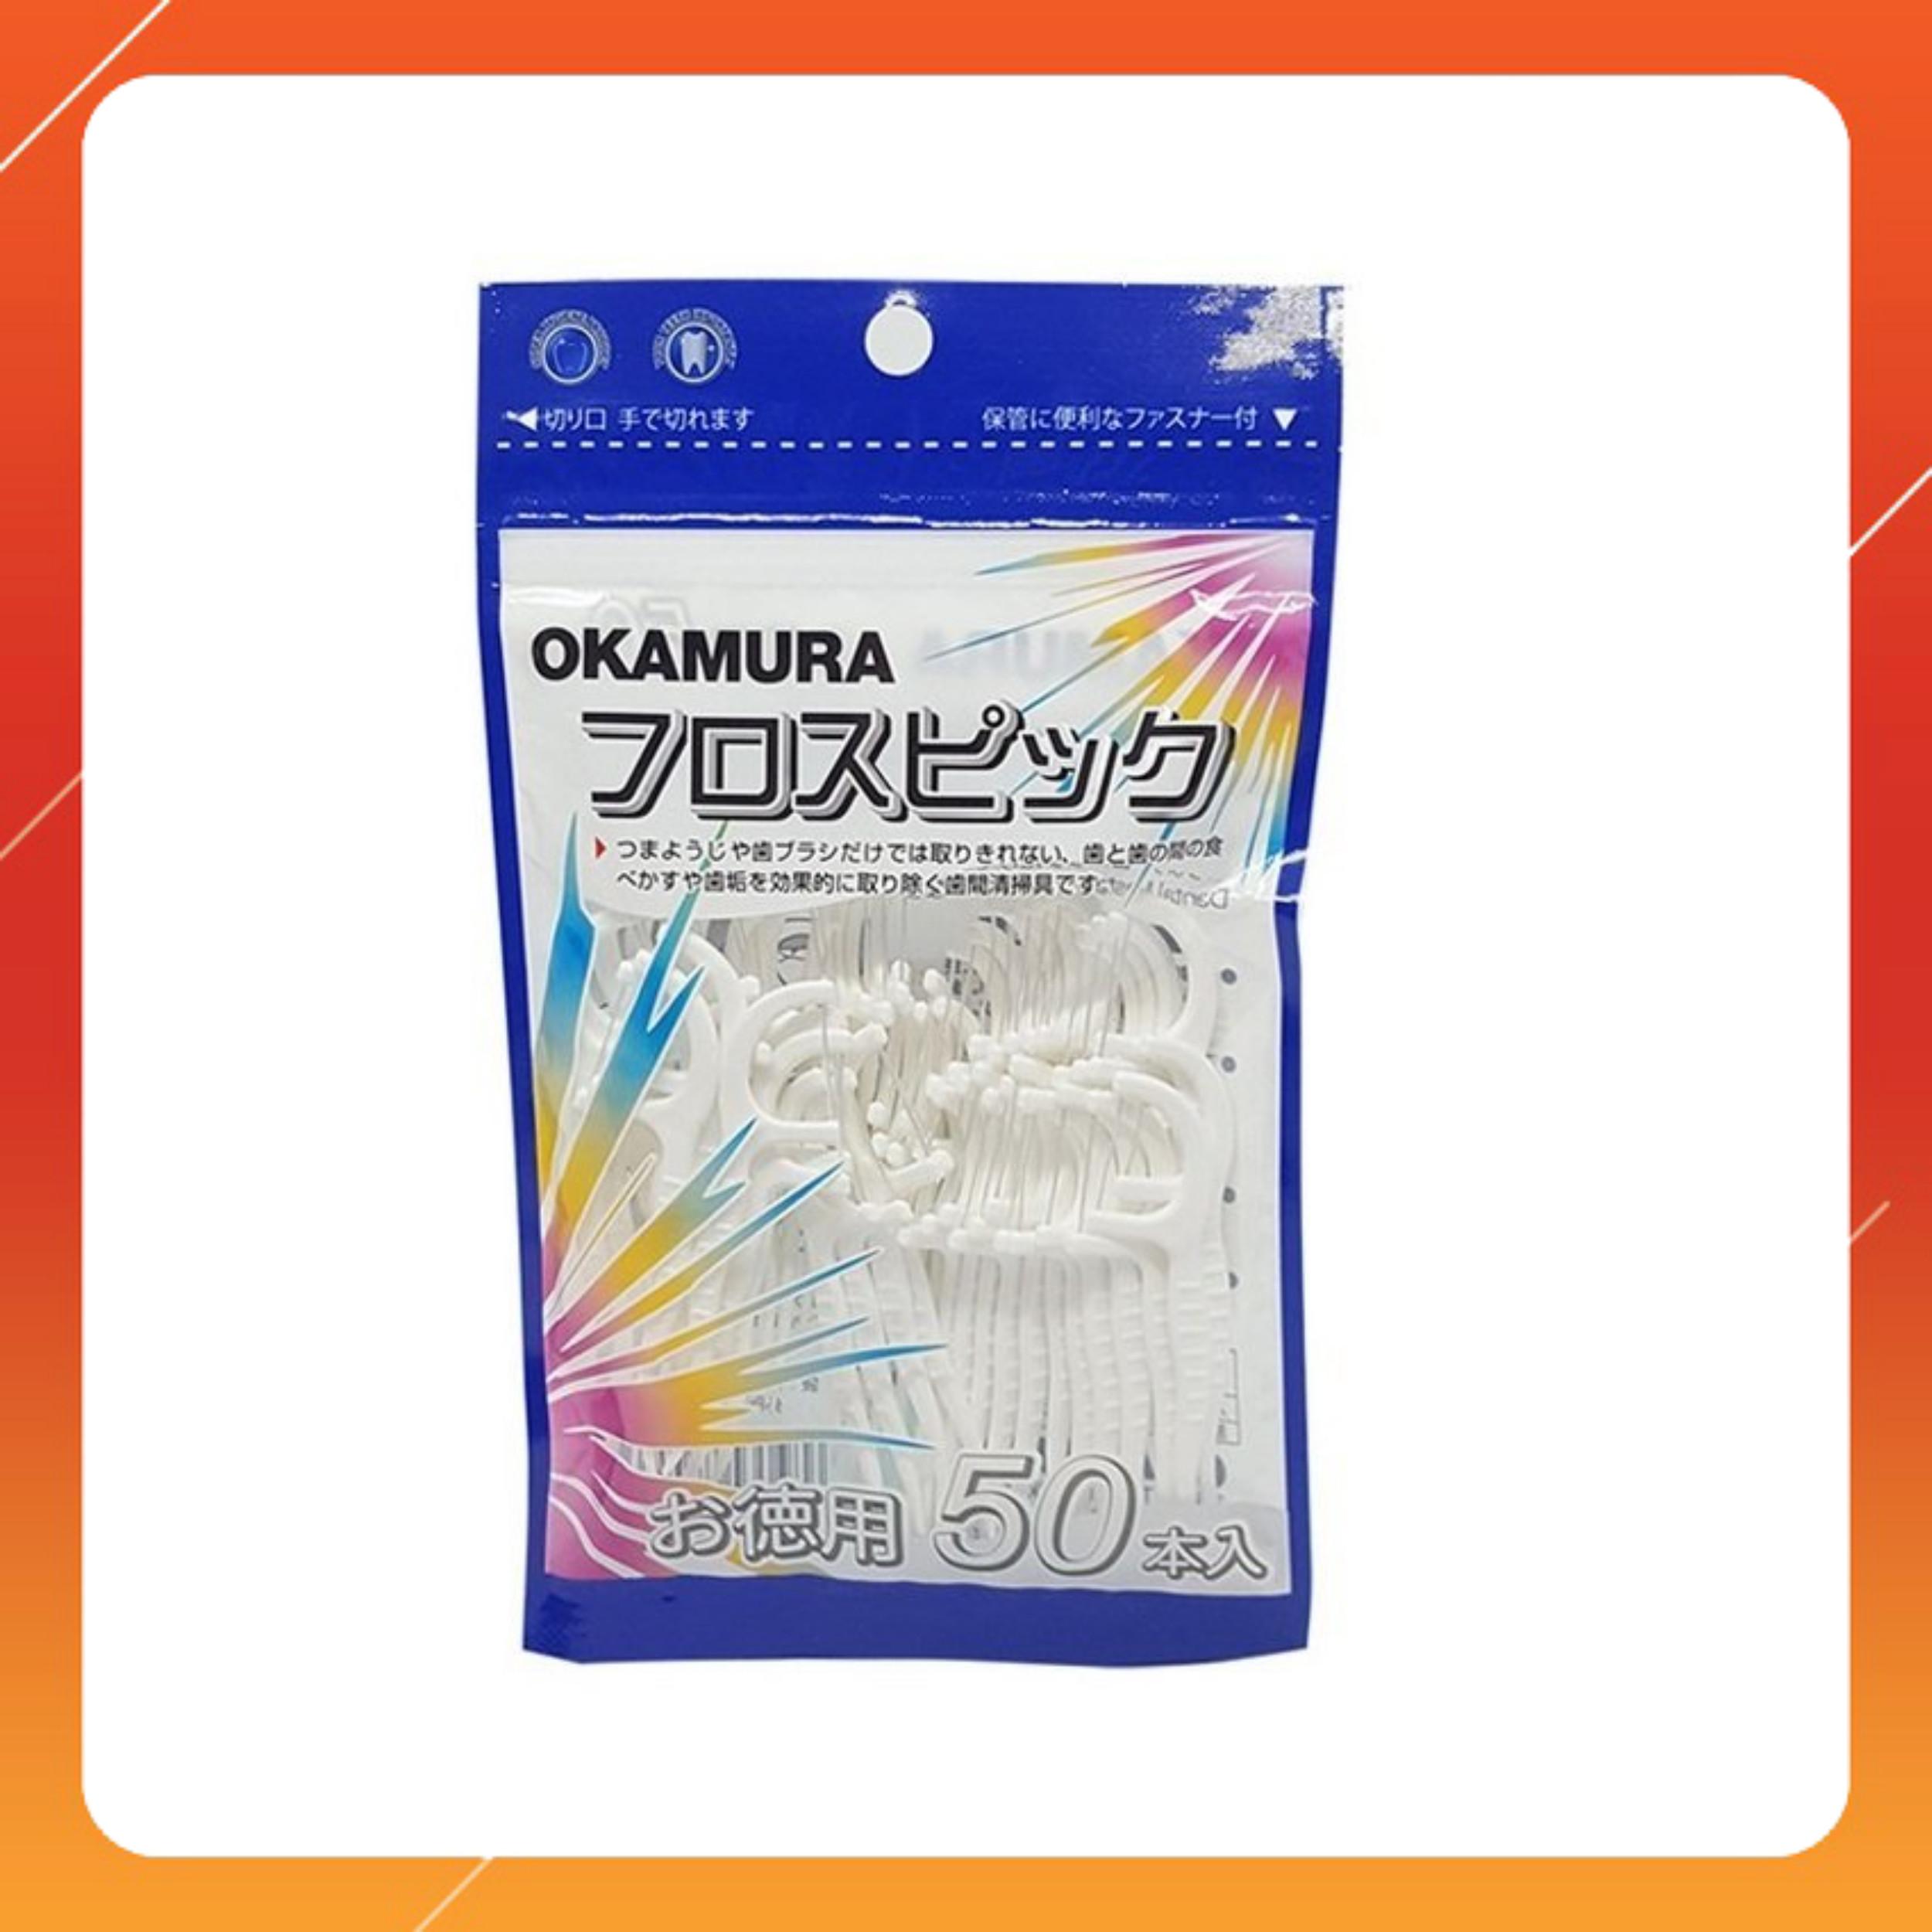 Combo 6 gói tăm chỉ nha khoa Okamura - 300 cây/6 gói